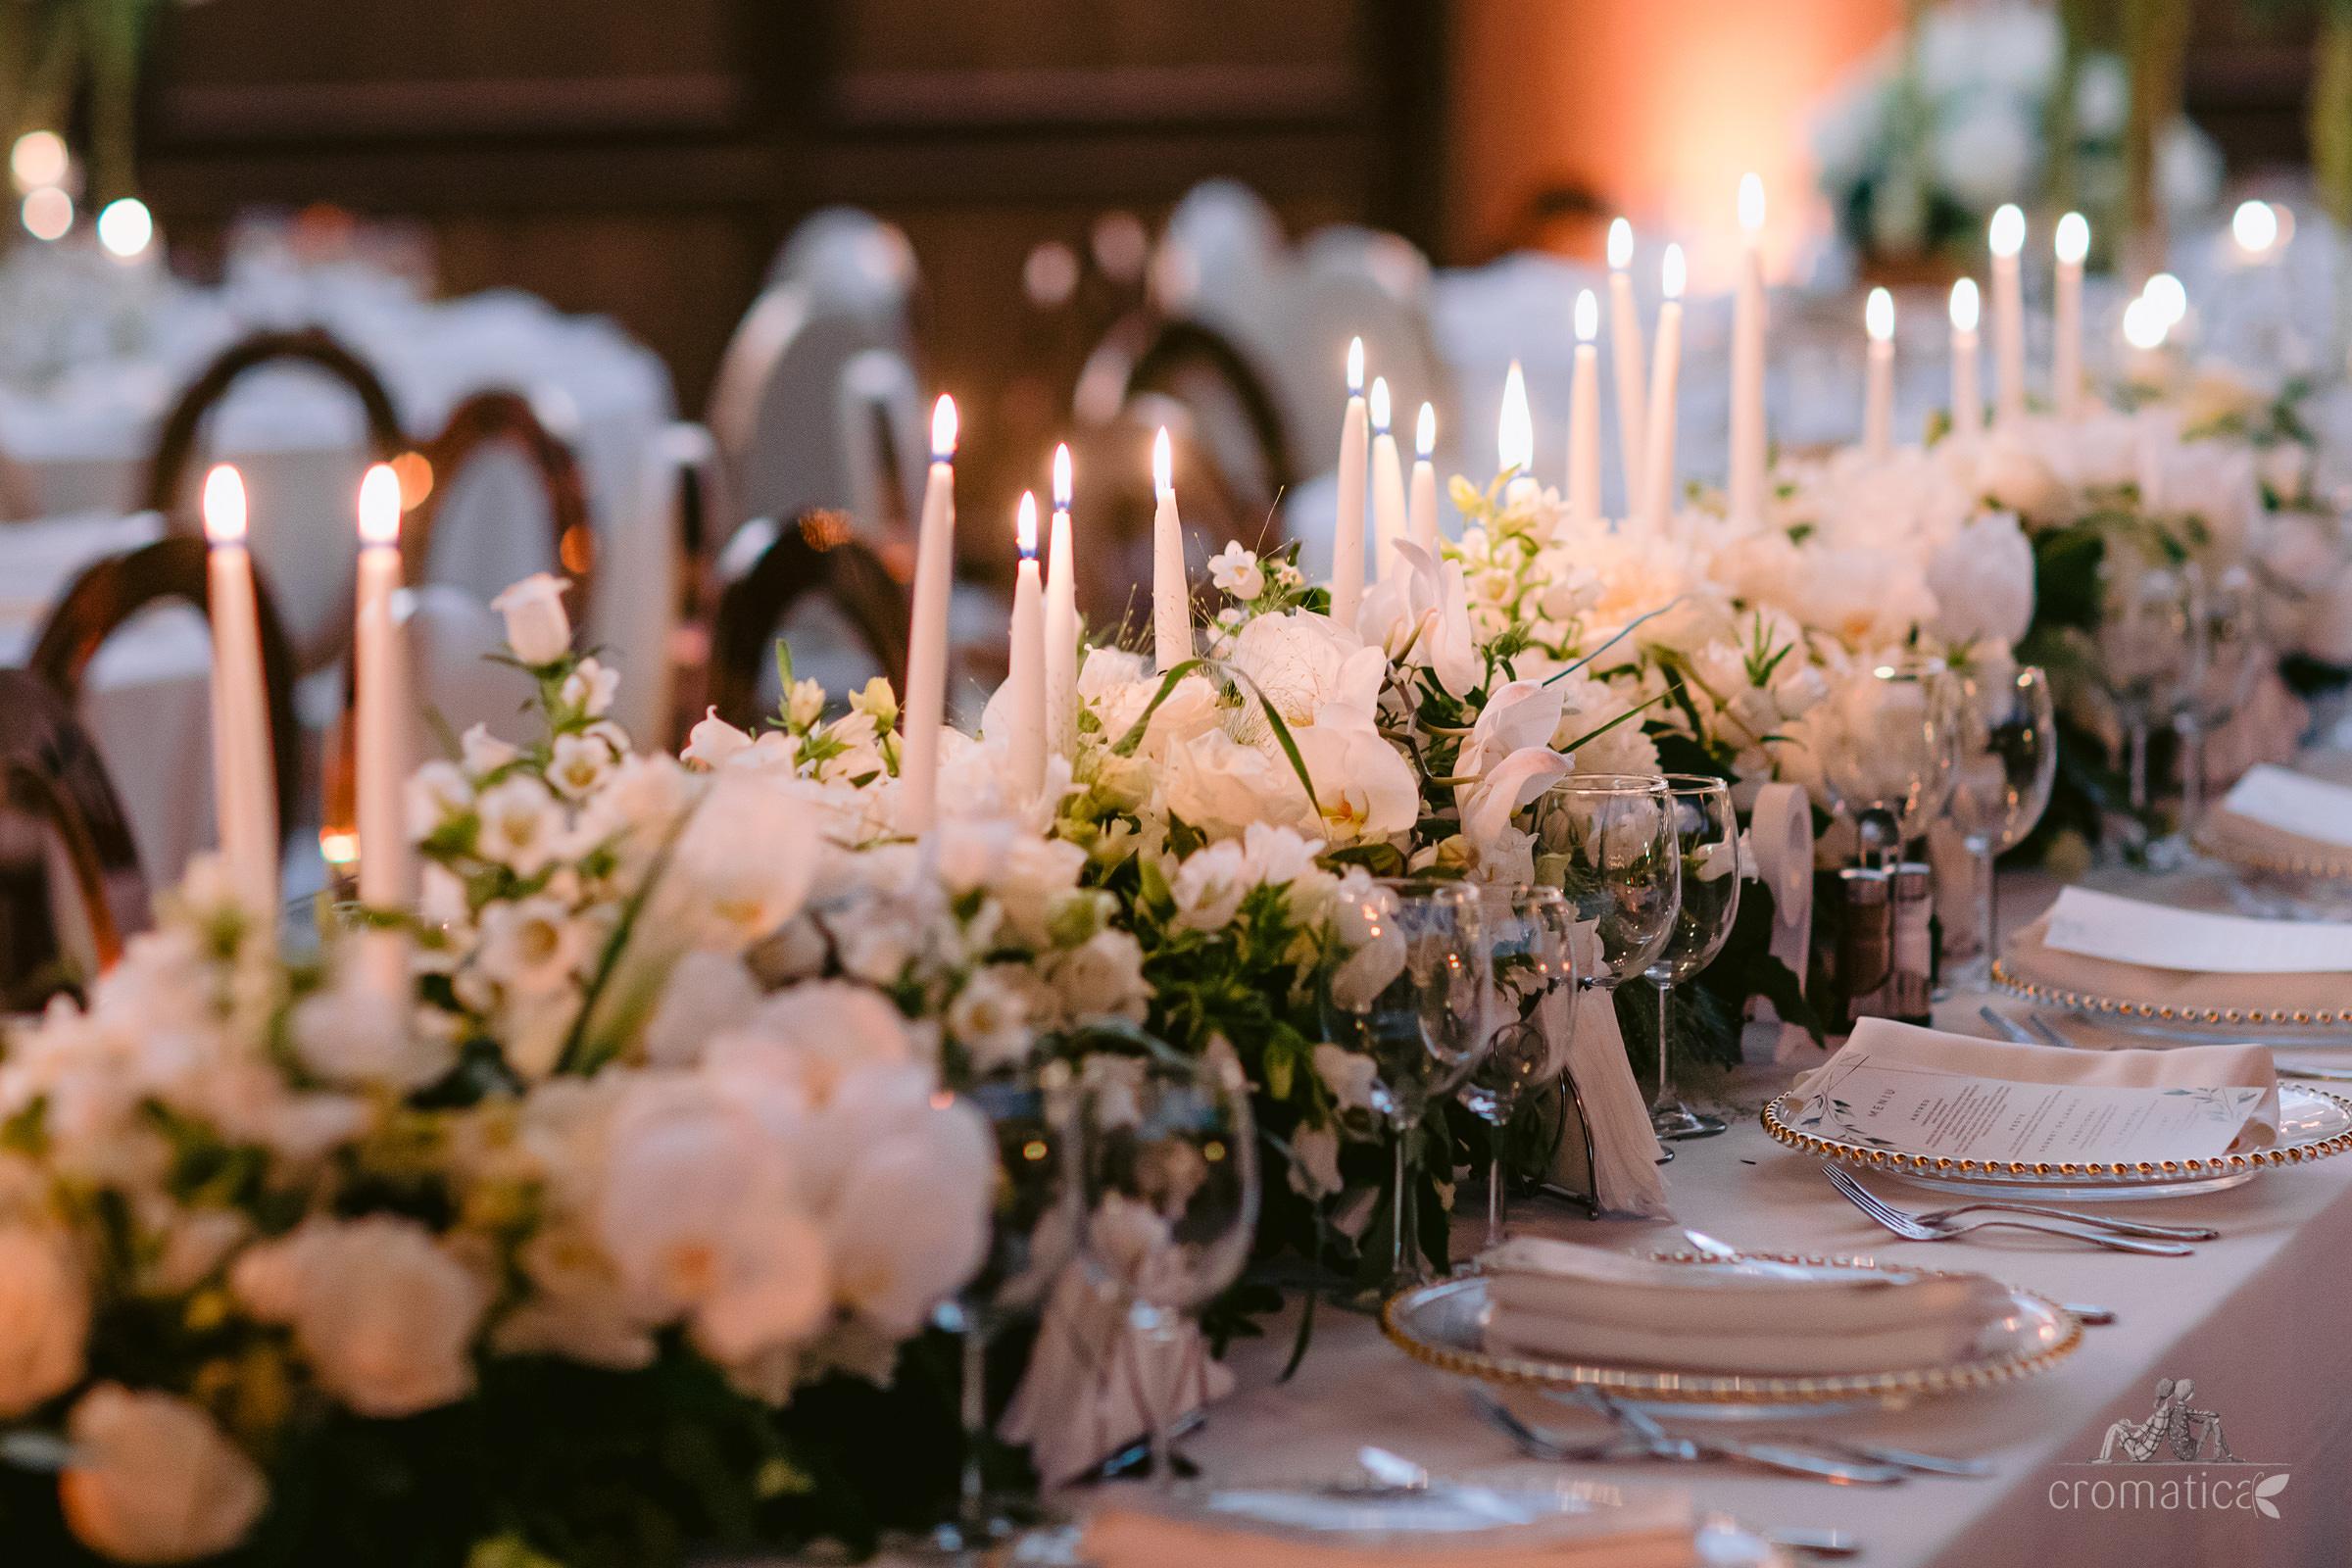 oana alex fotografii nunta rm valcea 042